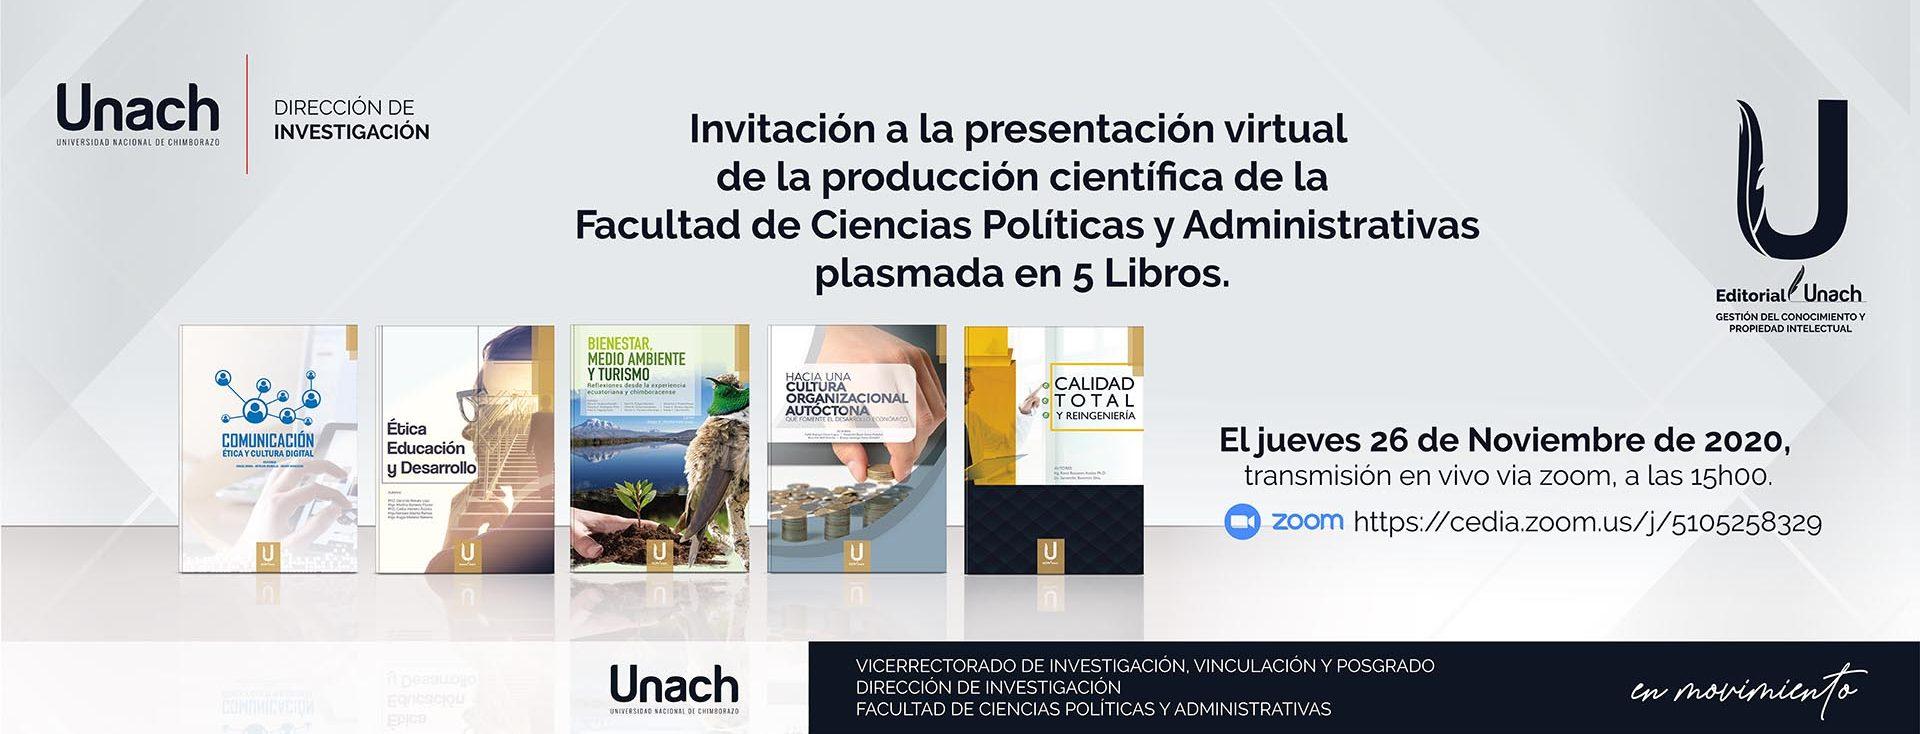 INVITACIÓN A LA PRESENTACIÓN VIRTUAL DE LA PRODUCCIÓN CIENTÍFICA, 5 LIBROS DE LA FACULTAD DE CIENCIAS POLÍTICAS Y ADMINISTRATIVAS